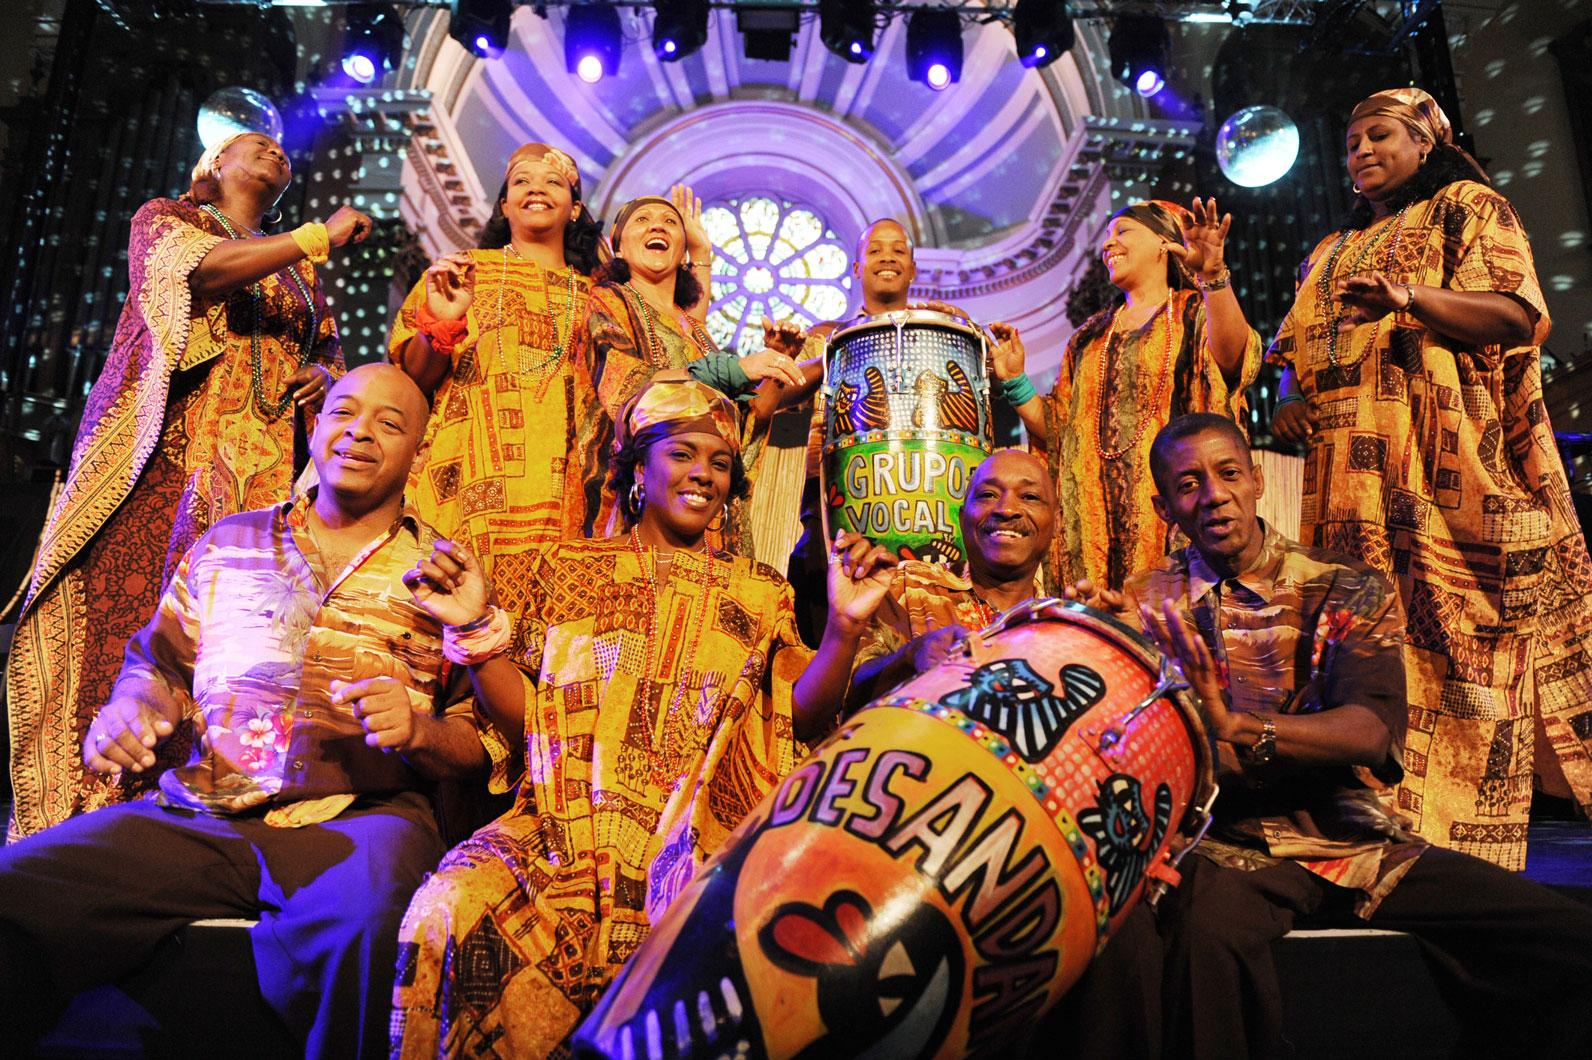 радиостанции кубинский карнавал фото сенчина